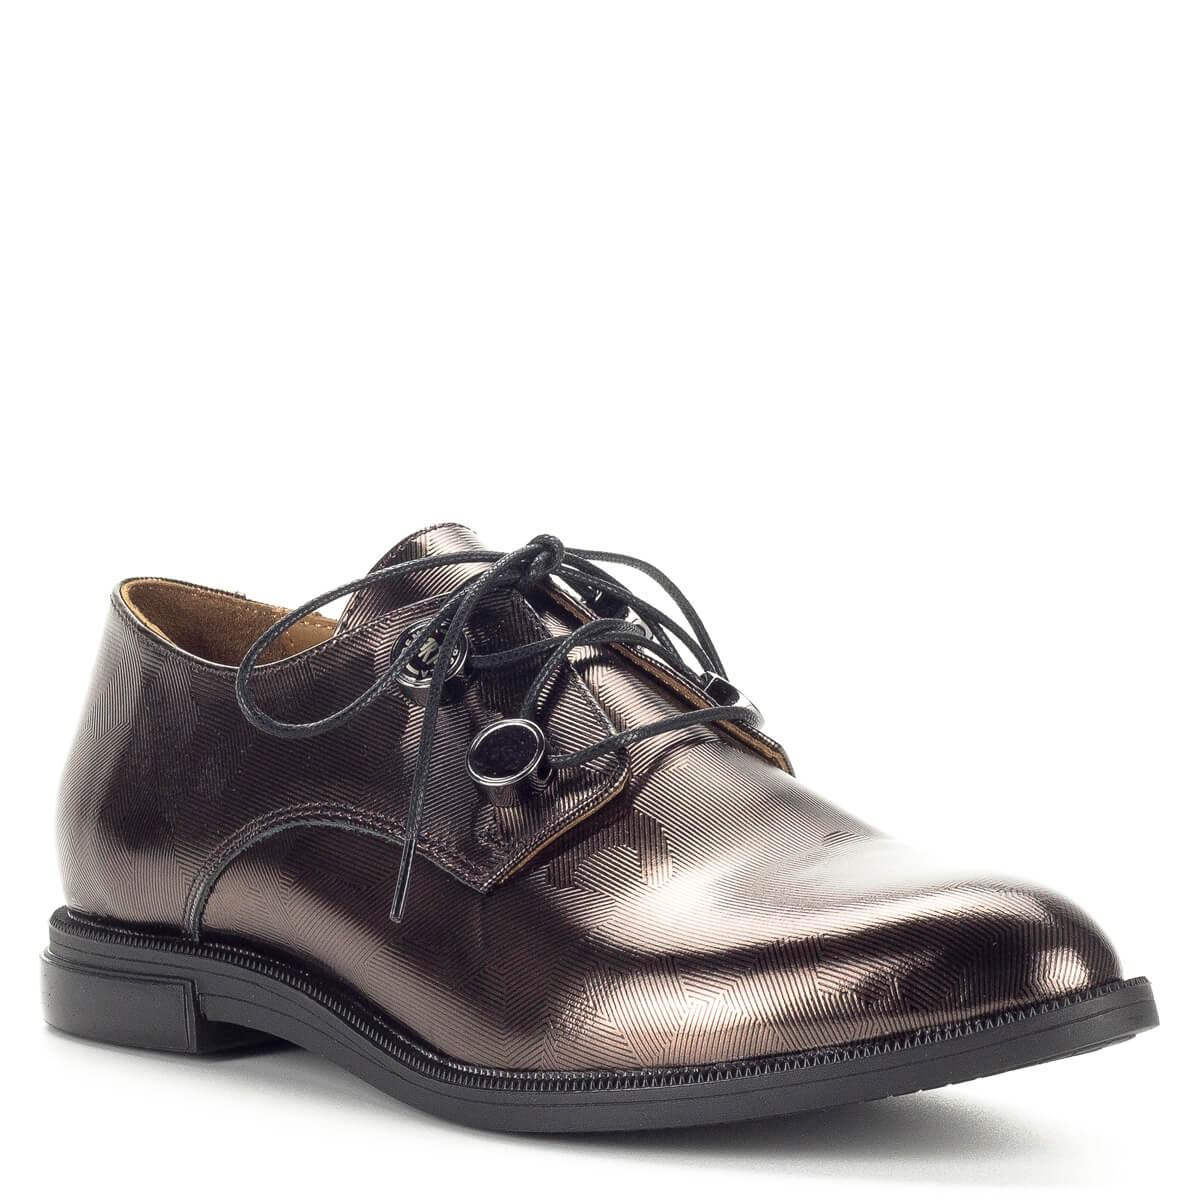 A zárt fűzős cipők  Pemla fűzős női cipő bronz színben lapos sarokkal. Anyaga  bőr. A zárt fűzős cipők ... 05b394565c